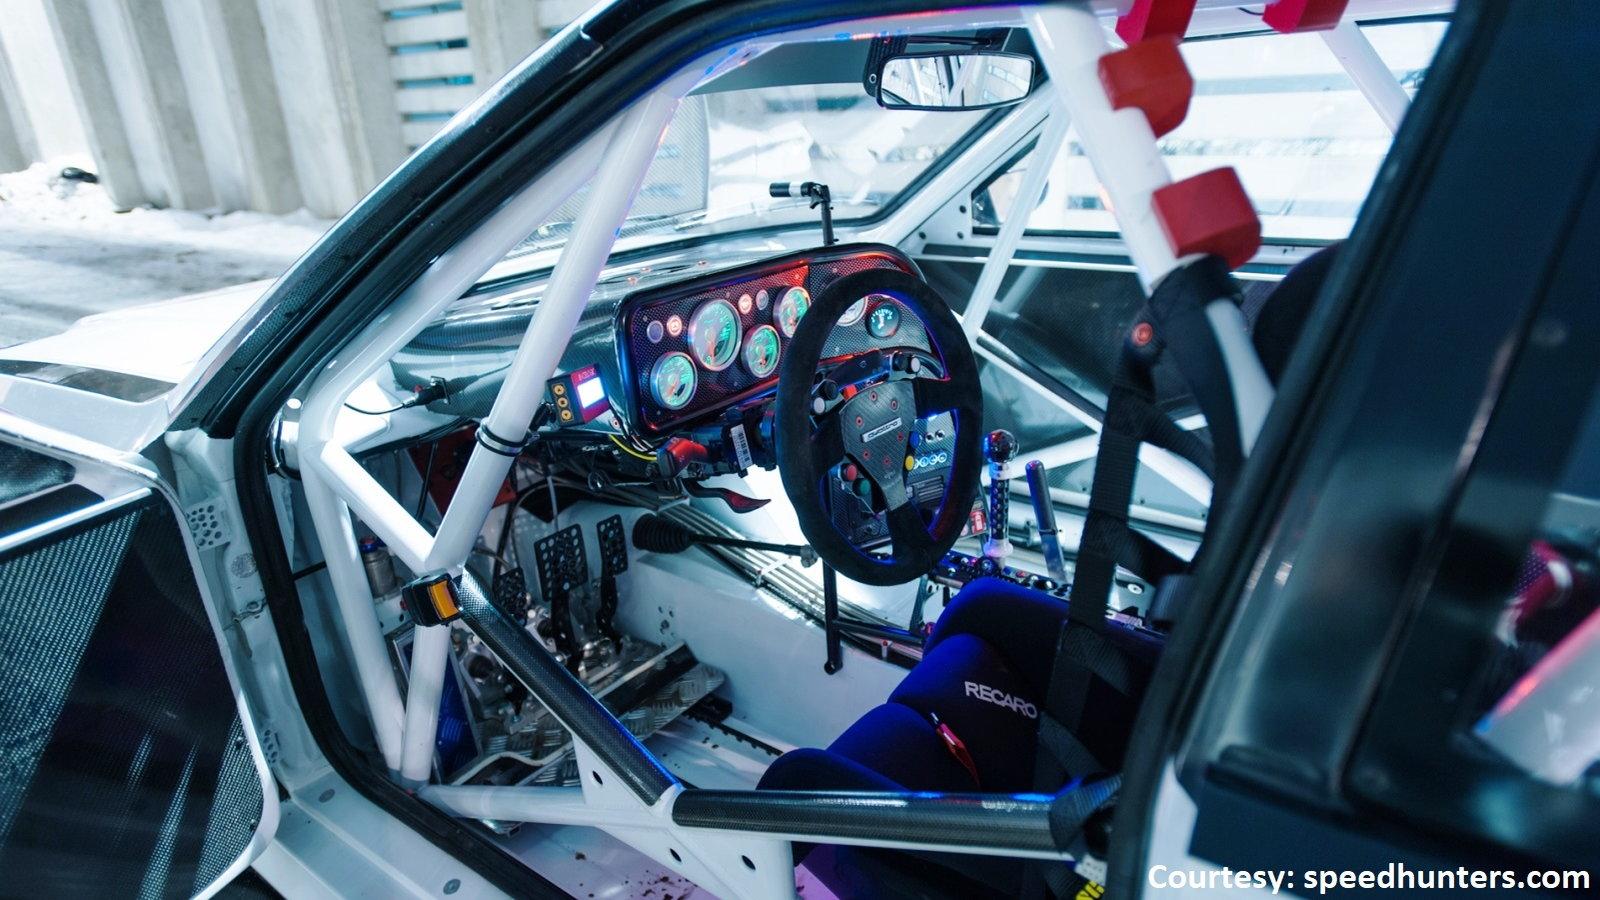 Norway's Hansen Motorsport Built One Heck of a S4